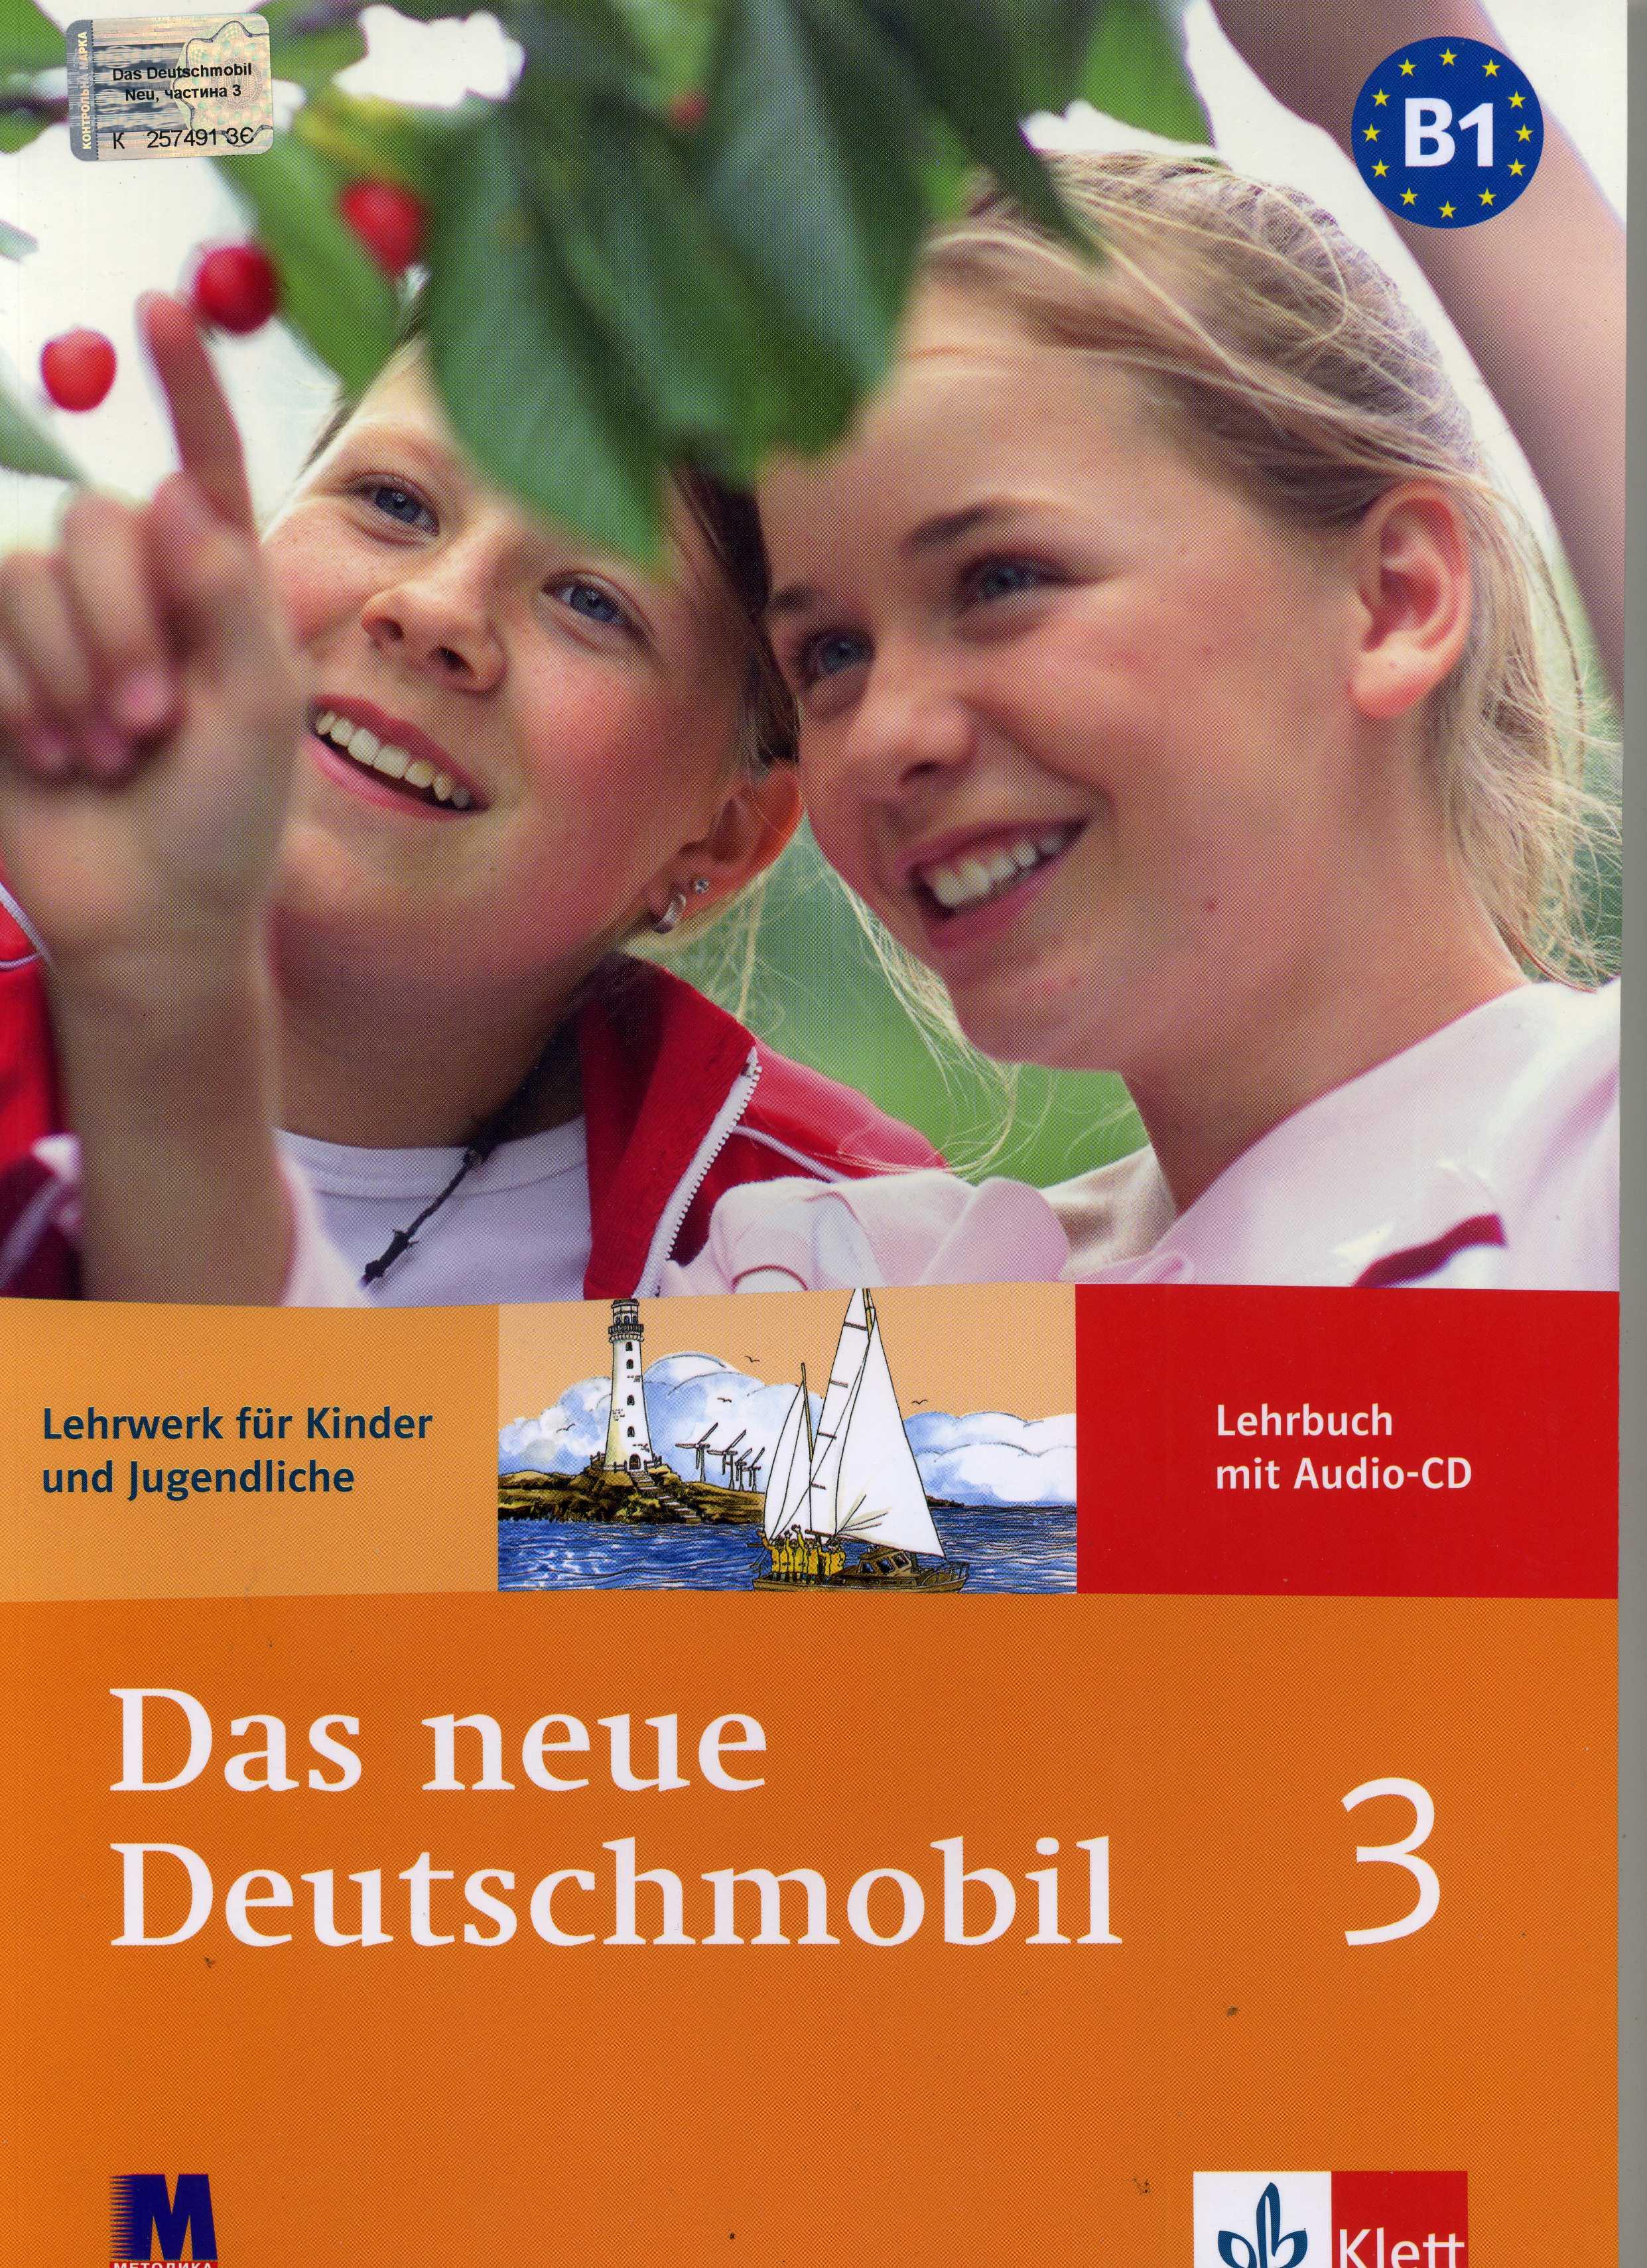 Das Neue Deutschmobil Rar by wheelcfimabbigg - Issuu